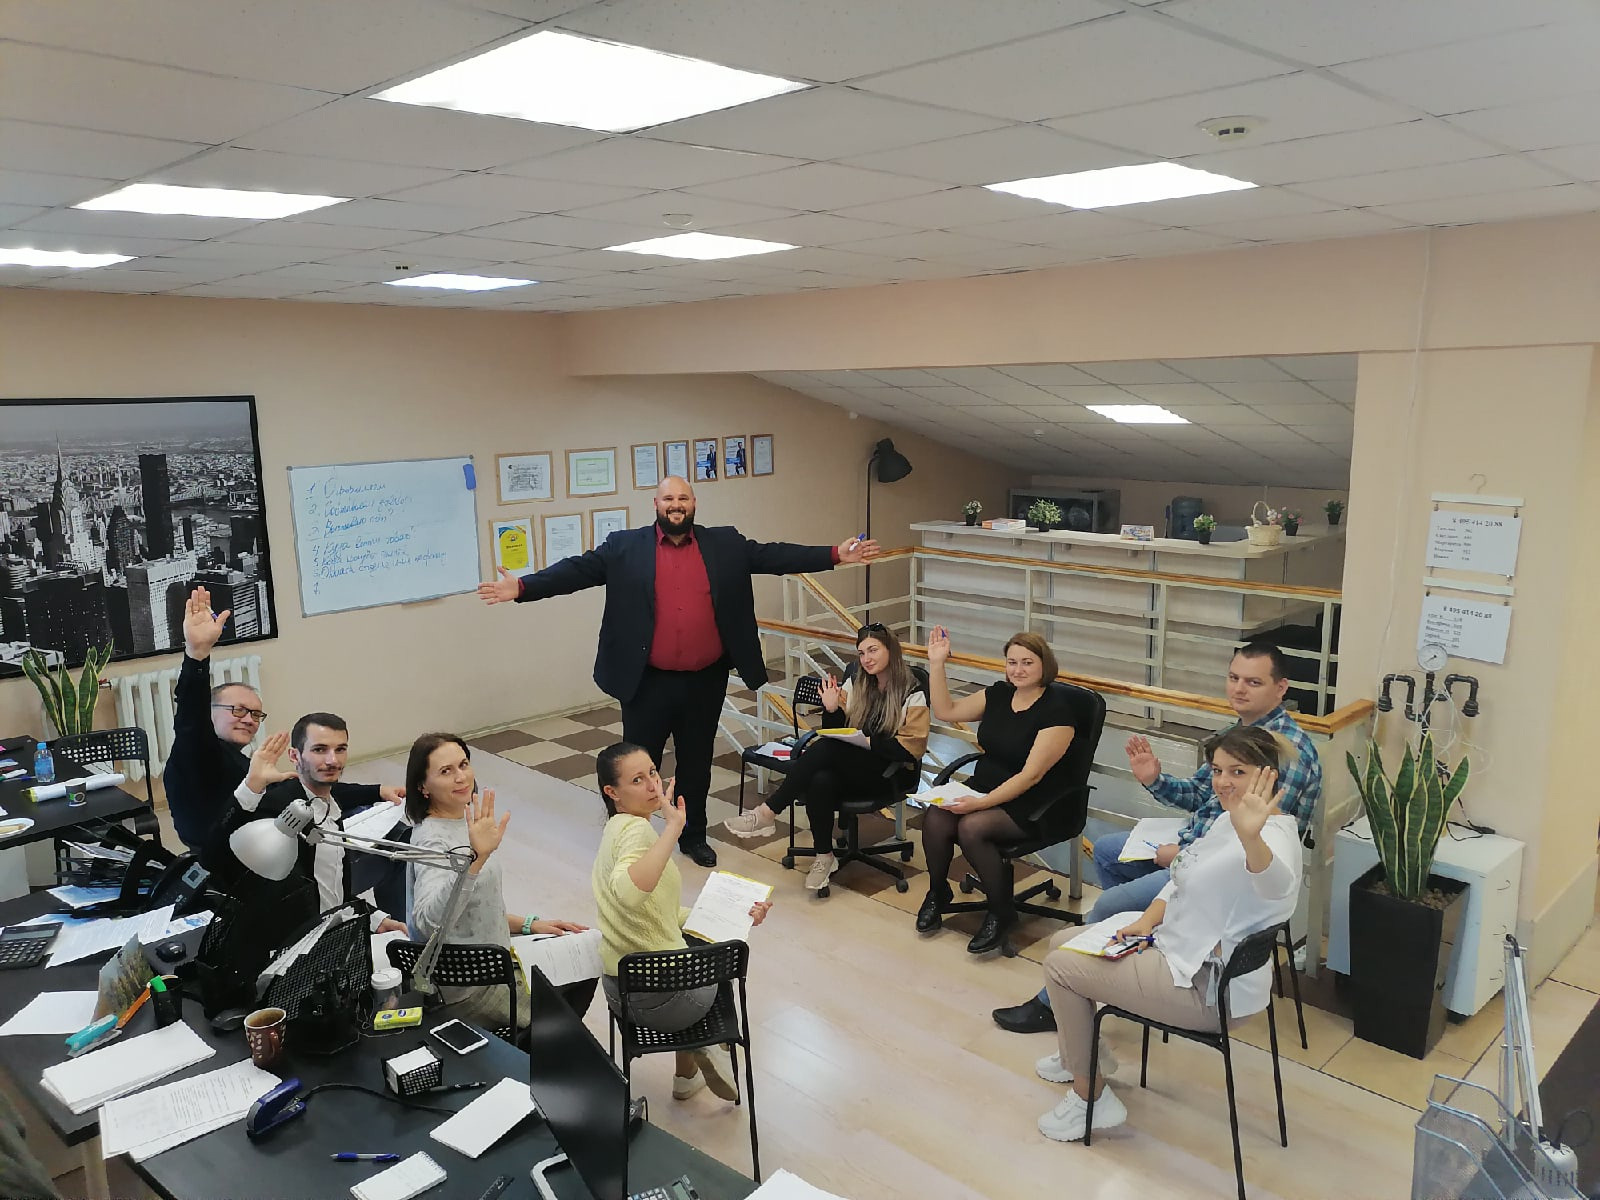 Тренинг ораторского мастерства и публичных выступлений в Москве